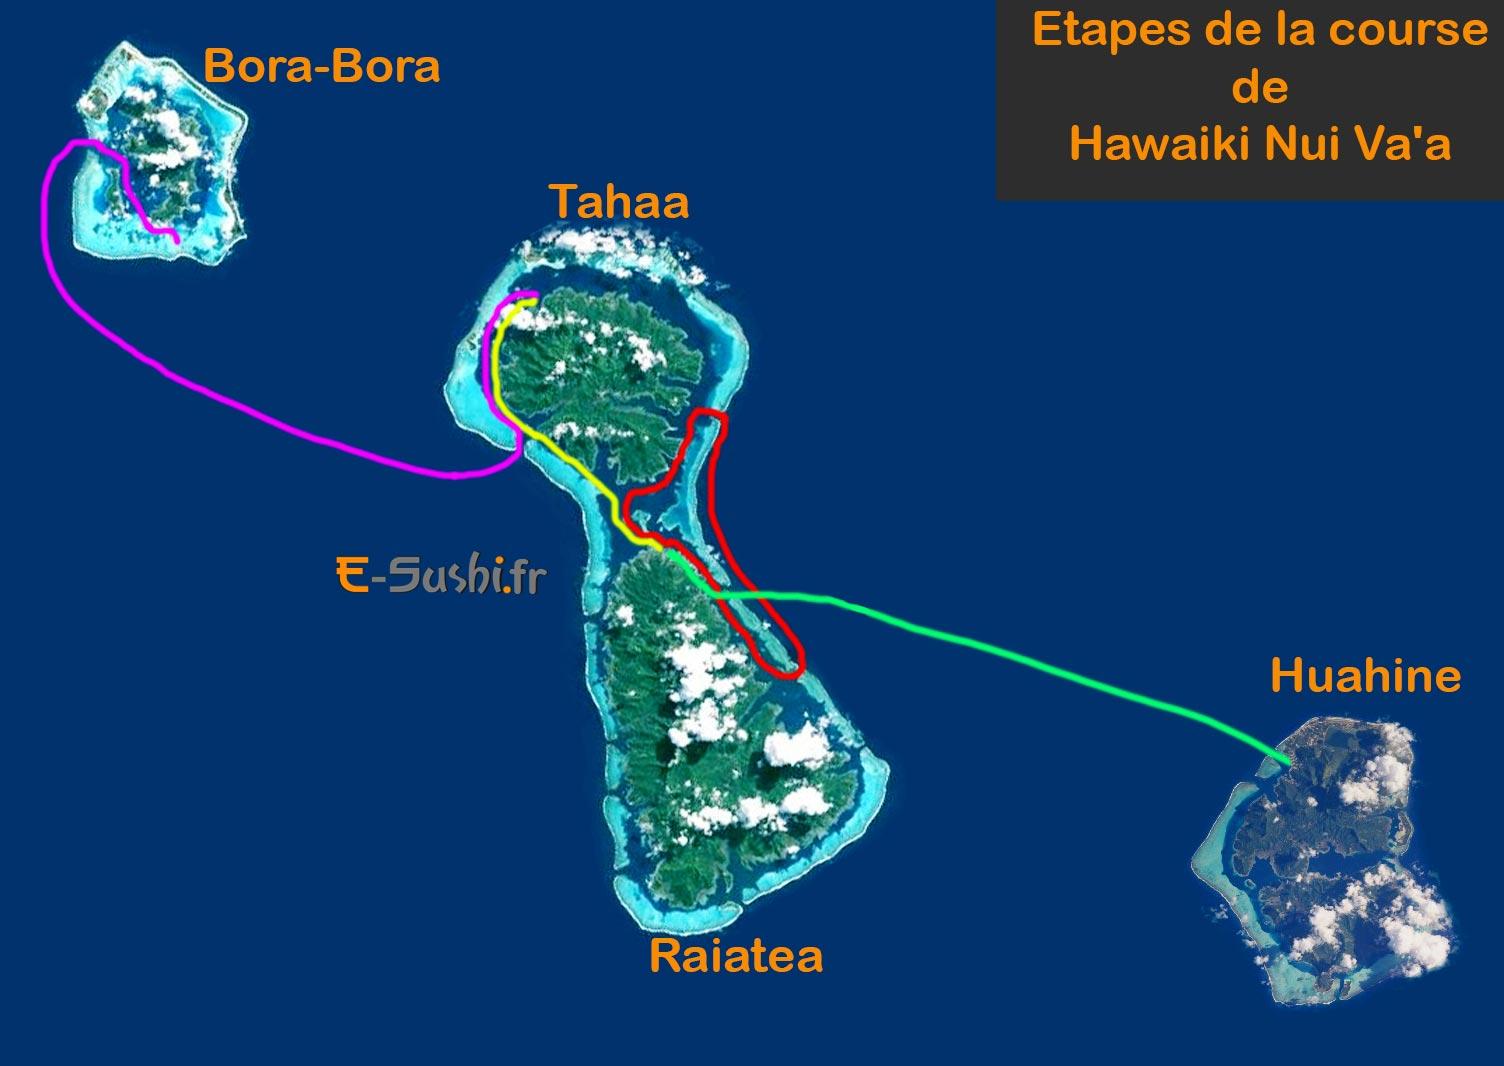 Hawaiki Nui Va'a - Etapes